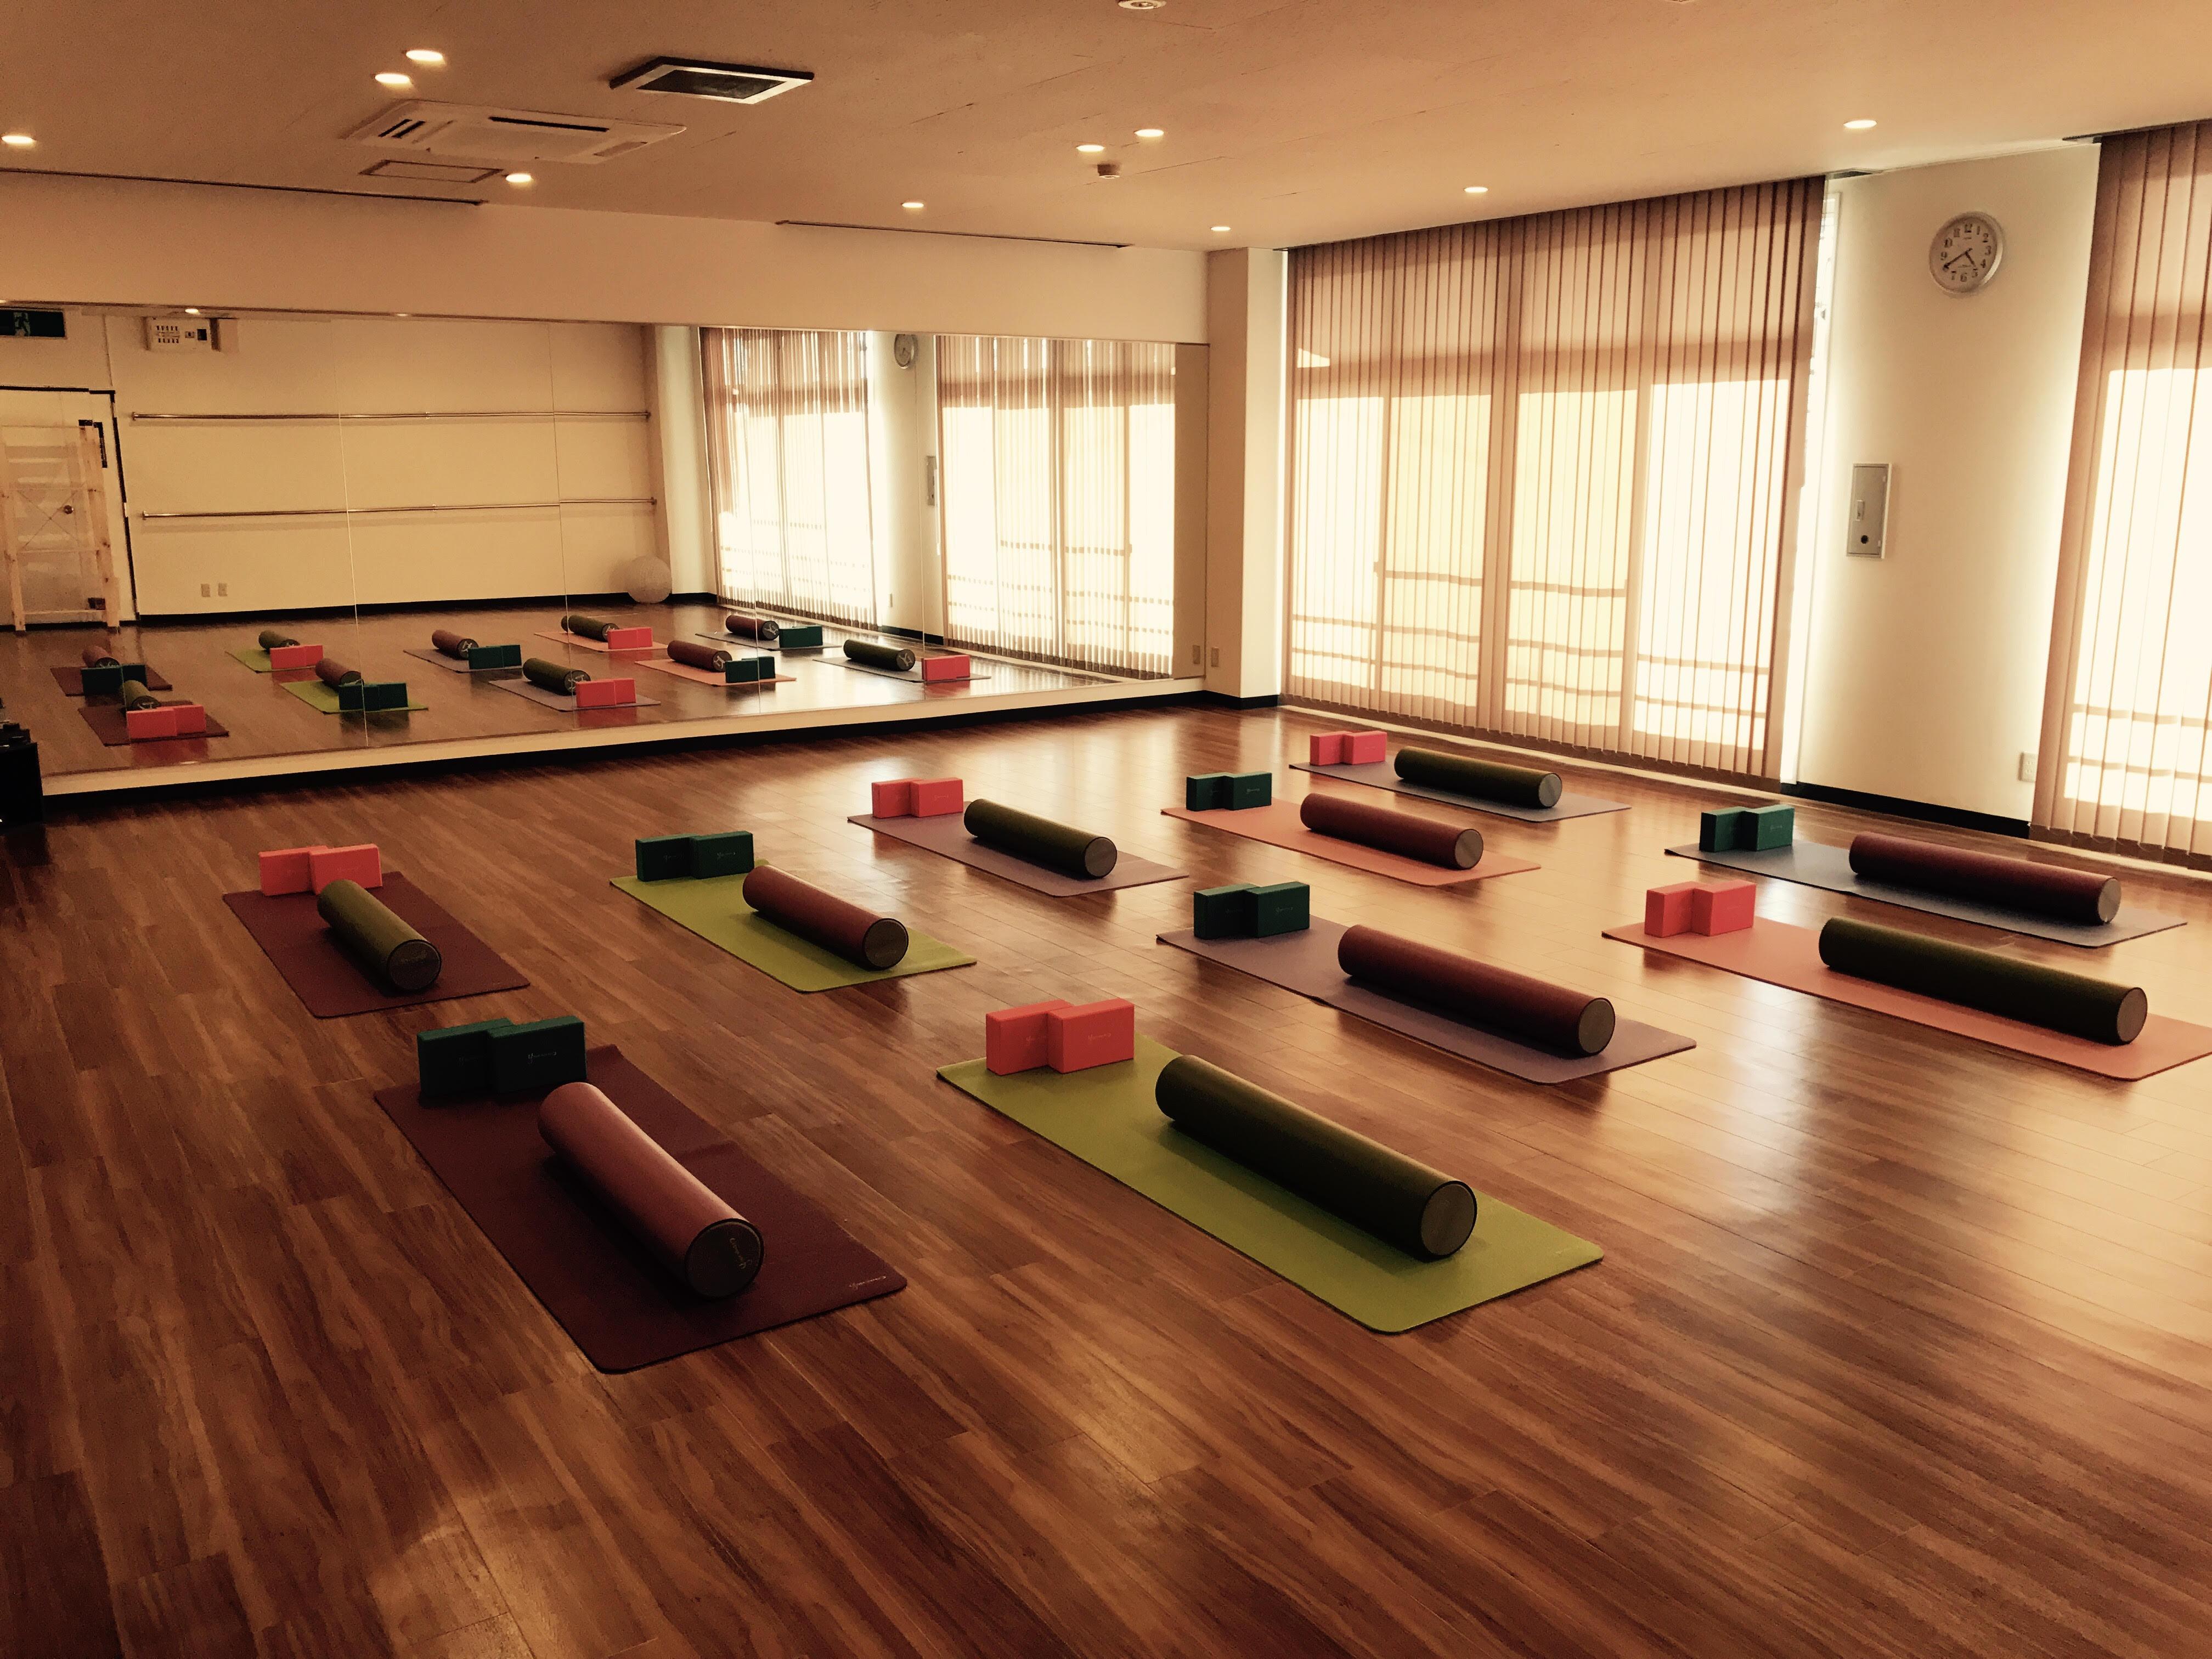 福岡市早良区のヨガ・ピラティス教室・スタジオ情報 - YOGA ROOM